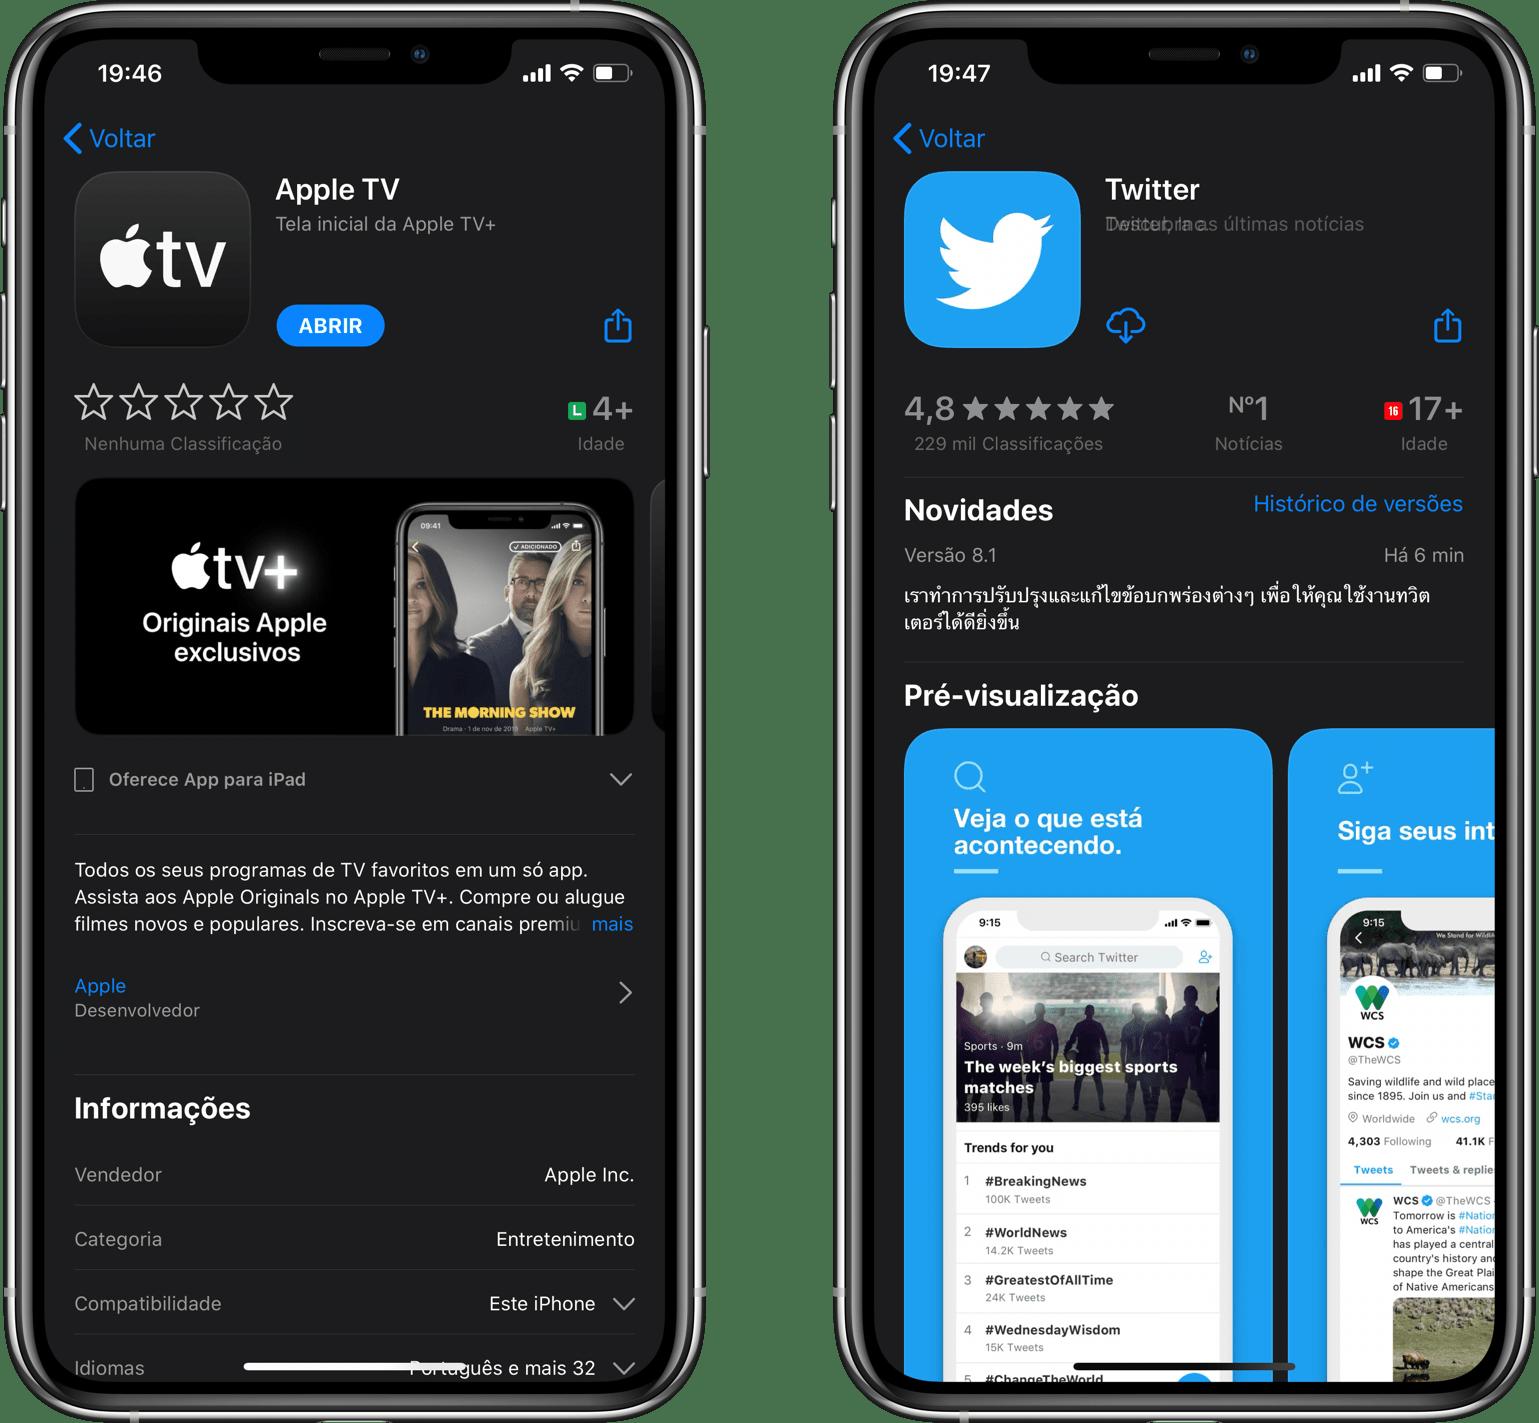 Classificação etária dos apps Apple TV+ e Twitter